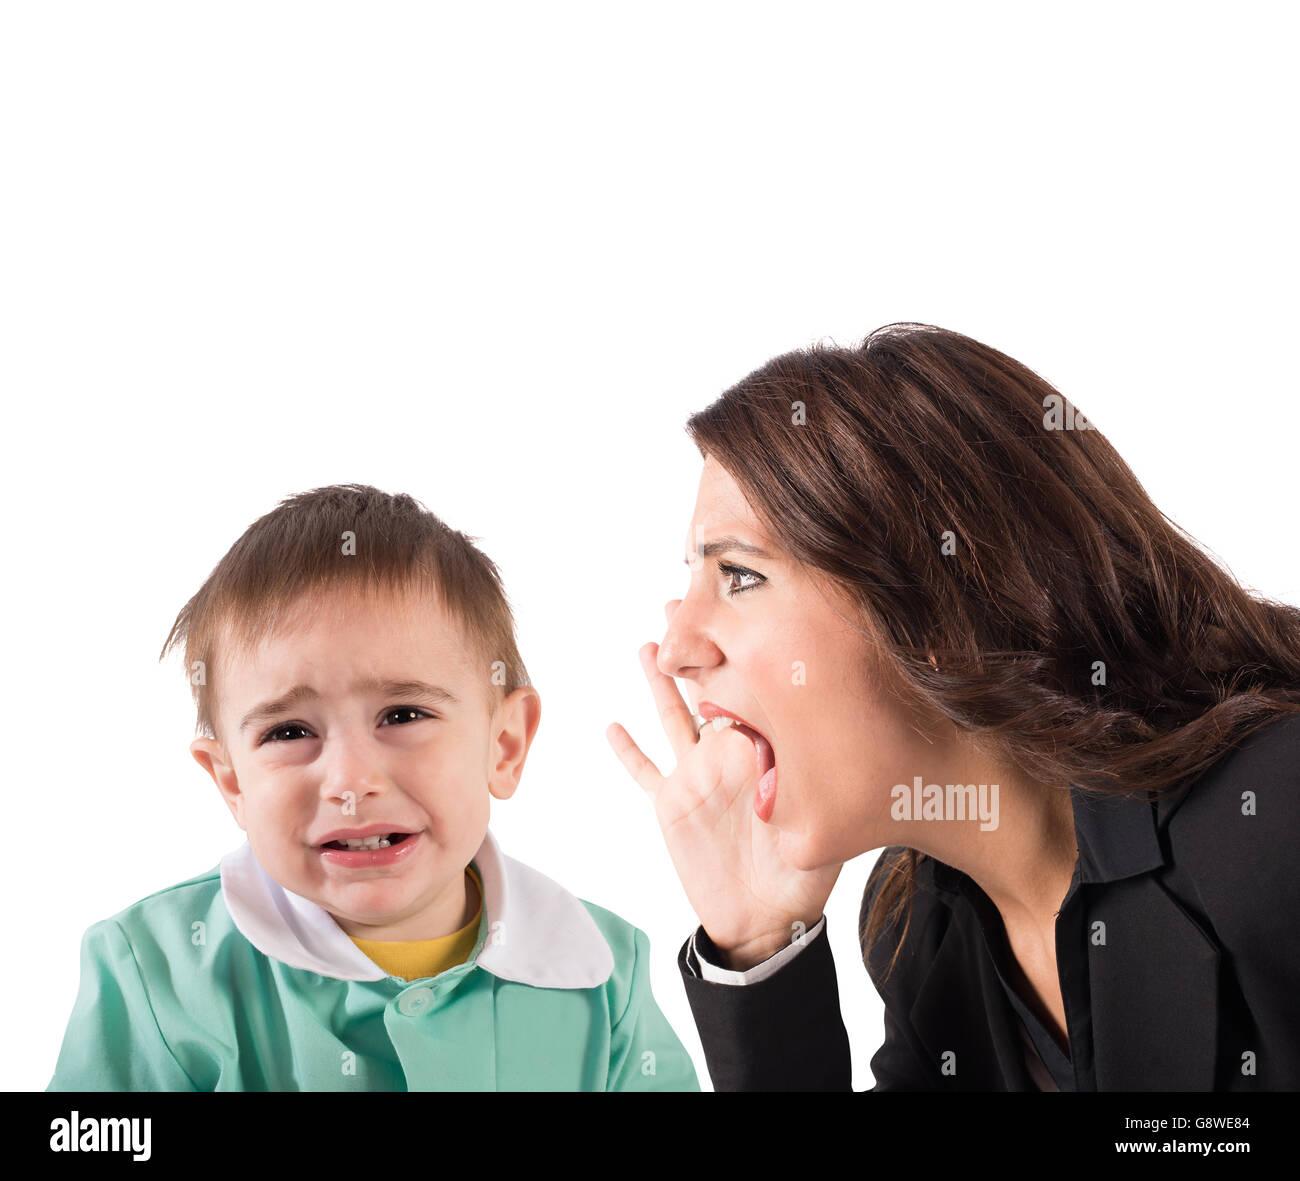 Regañar a un niño Imagen De Stock